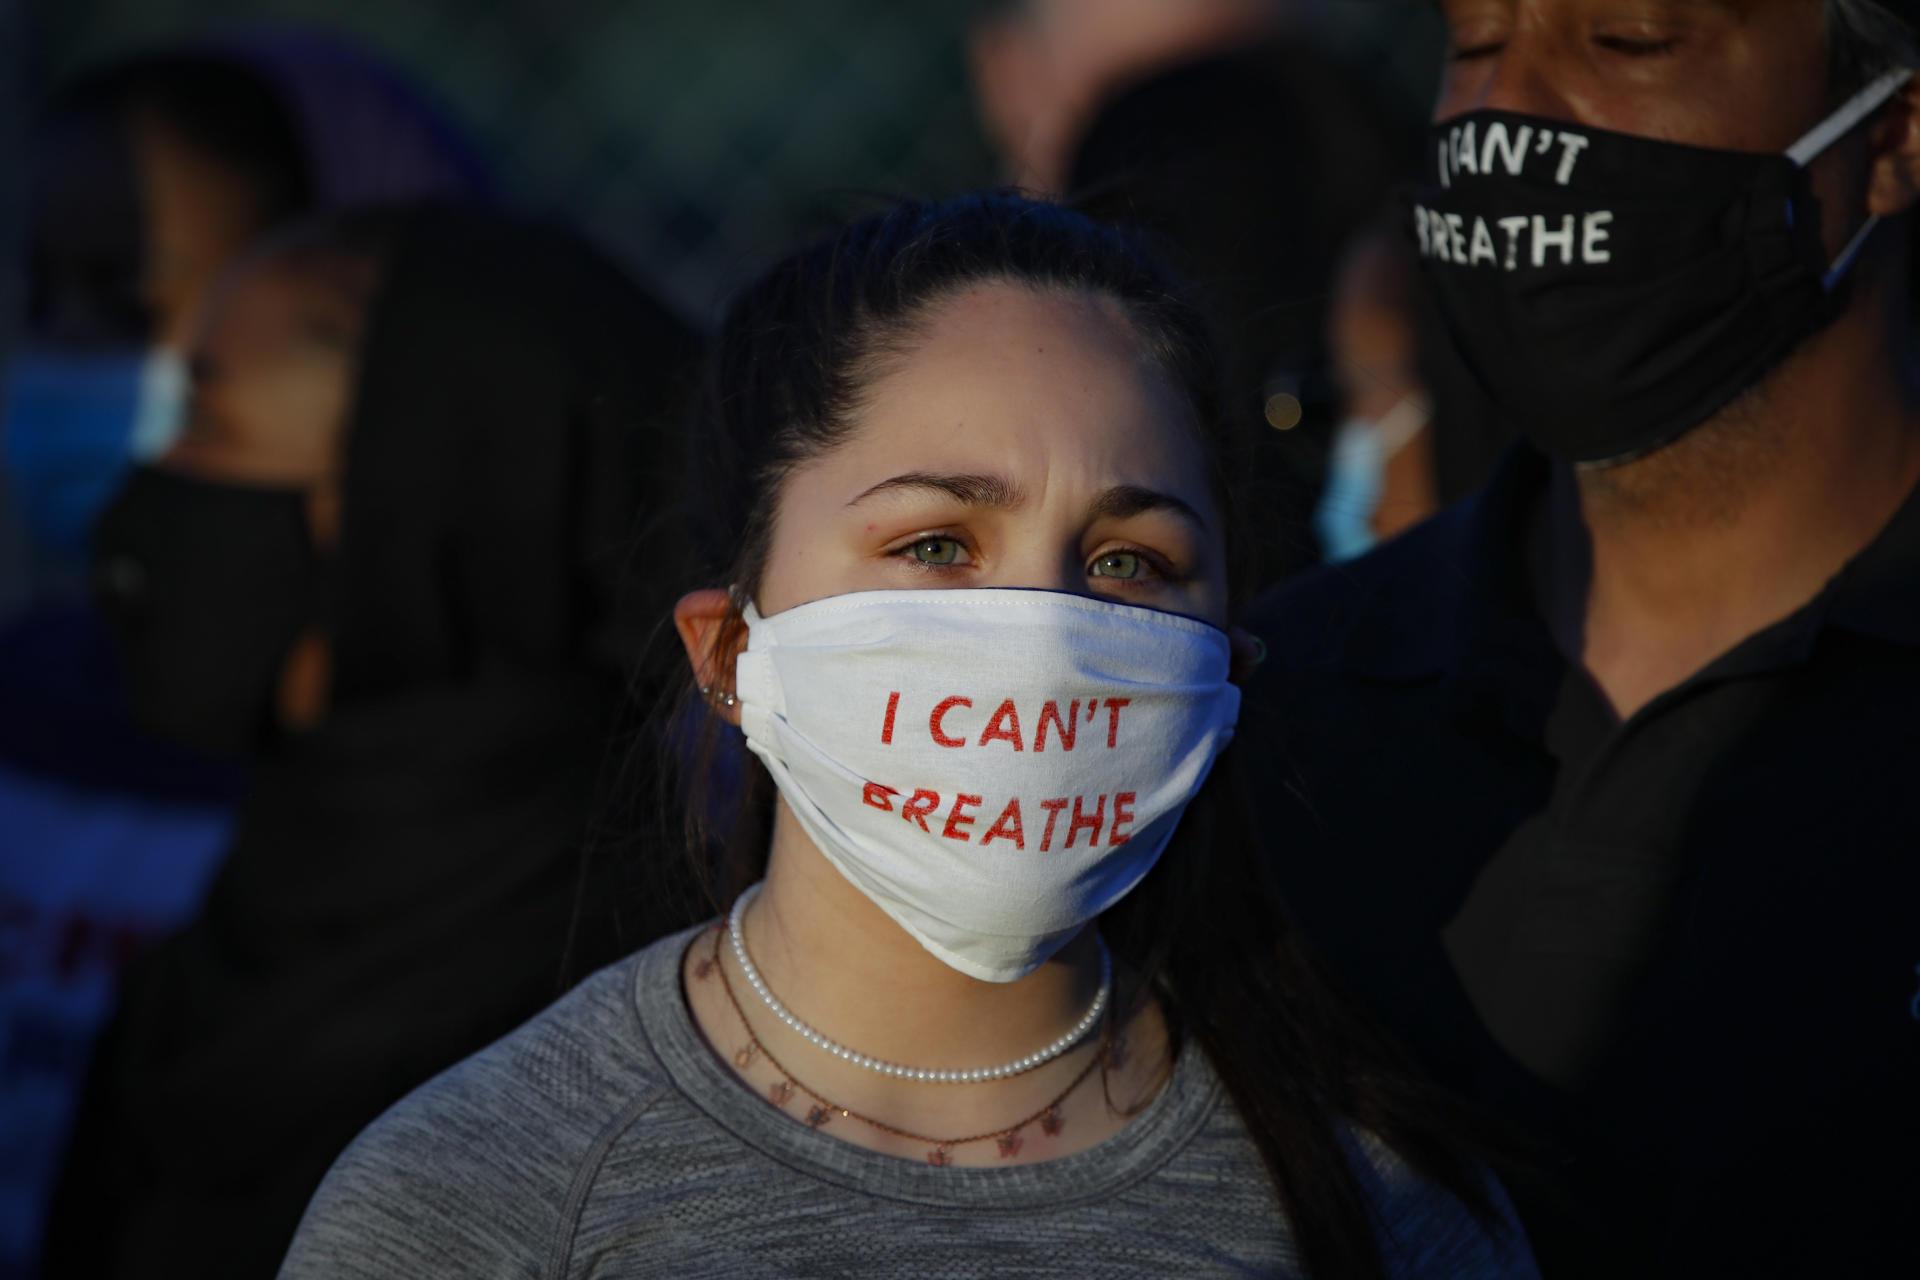 Madeline Curry assiste à une manifestation avec son père, à l'extérieur d'uncommissariat de police de Minneapolis, le 30mai 2020. Sur son masque, on peut lire les derniers mots de George Floyd: «I can't breathe» («je ne peux pas respirer»)